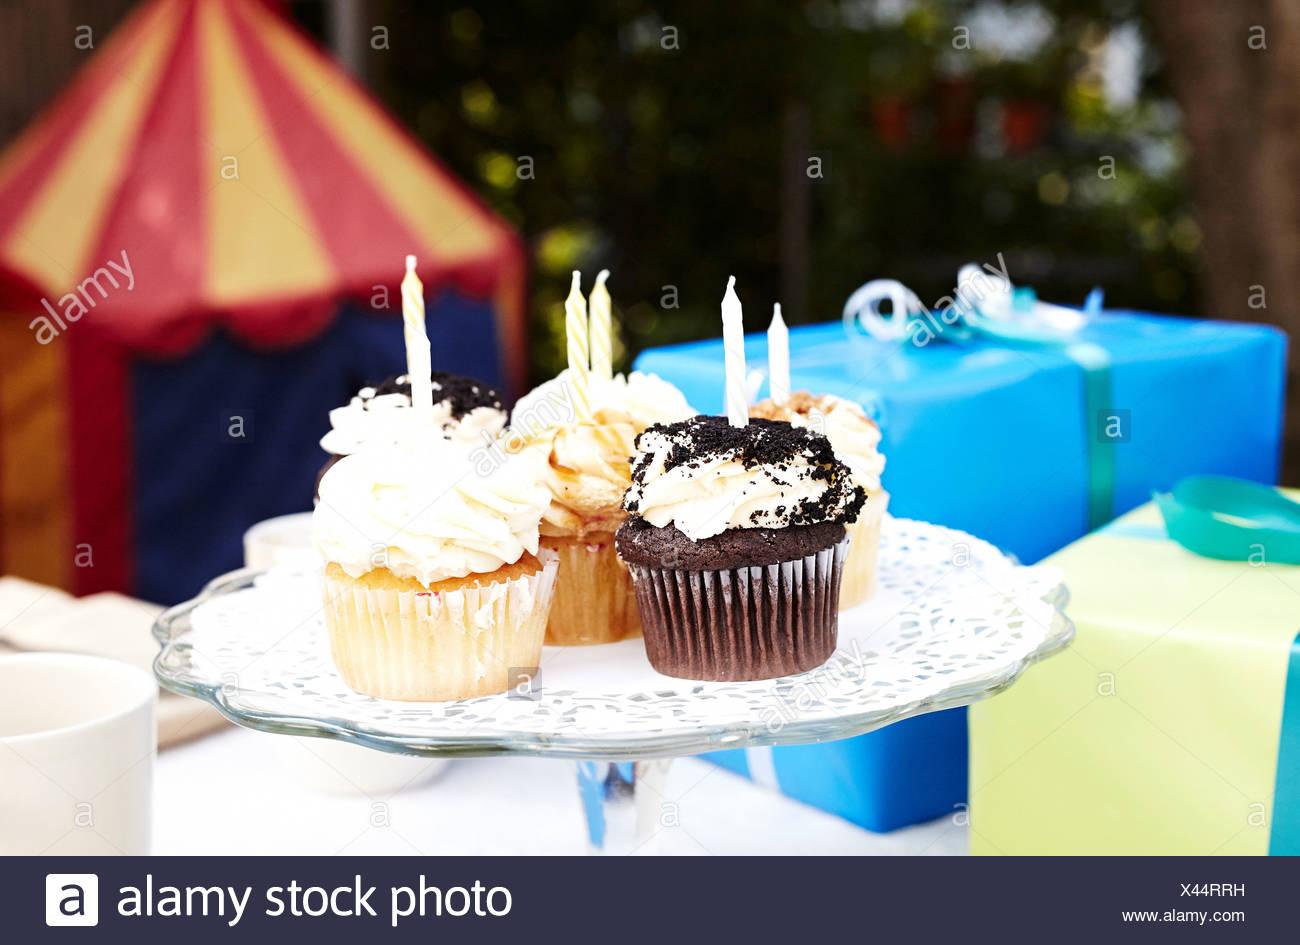 Schön Cupcakes Färbung Seite Fotos - Malvorlagen Von Tieren - ngadi.info